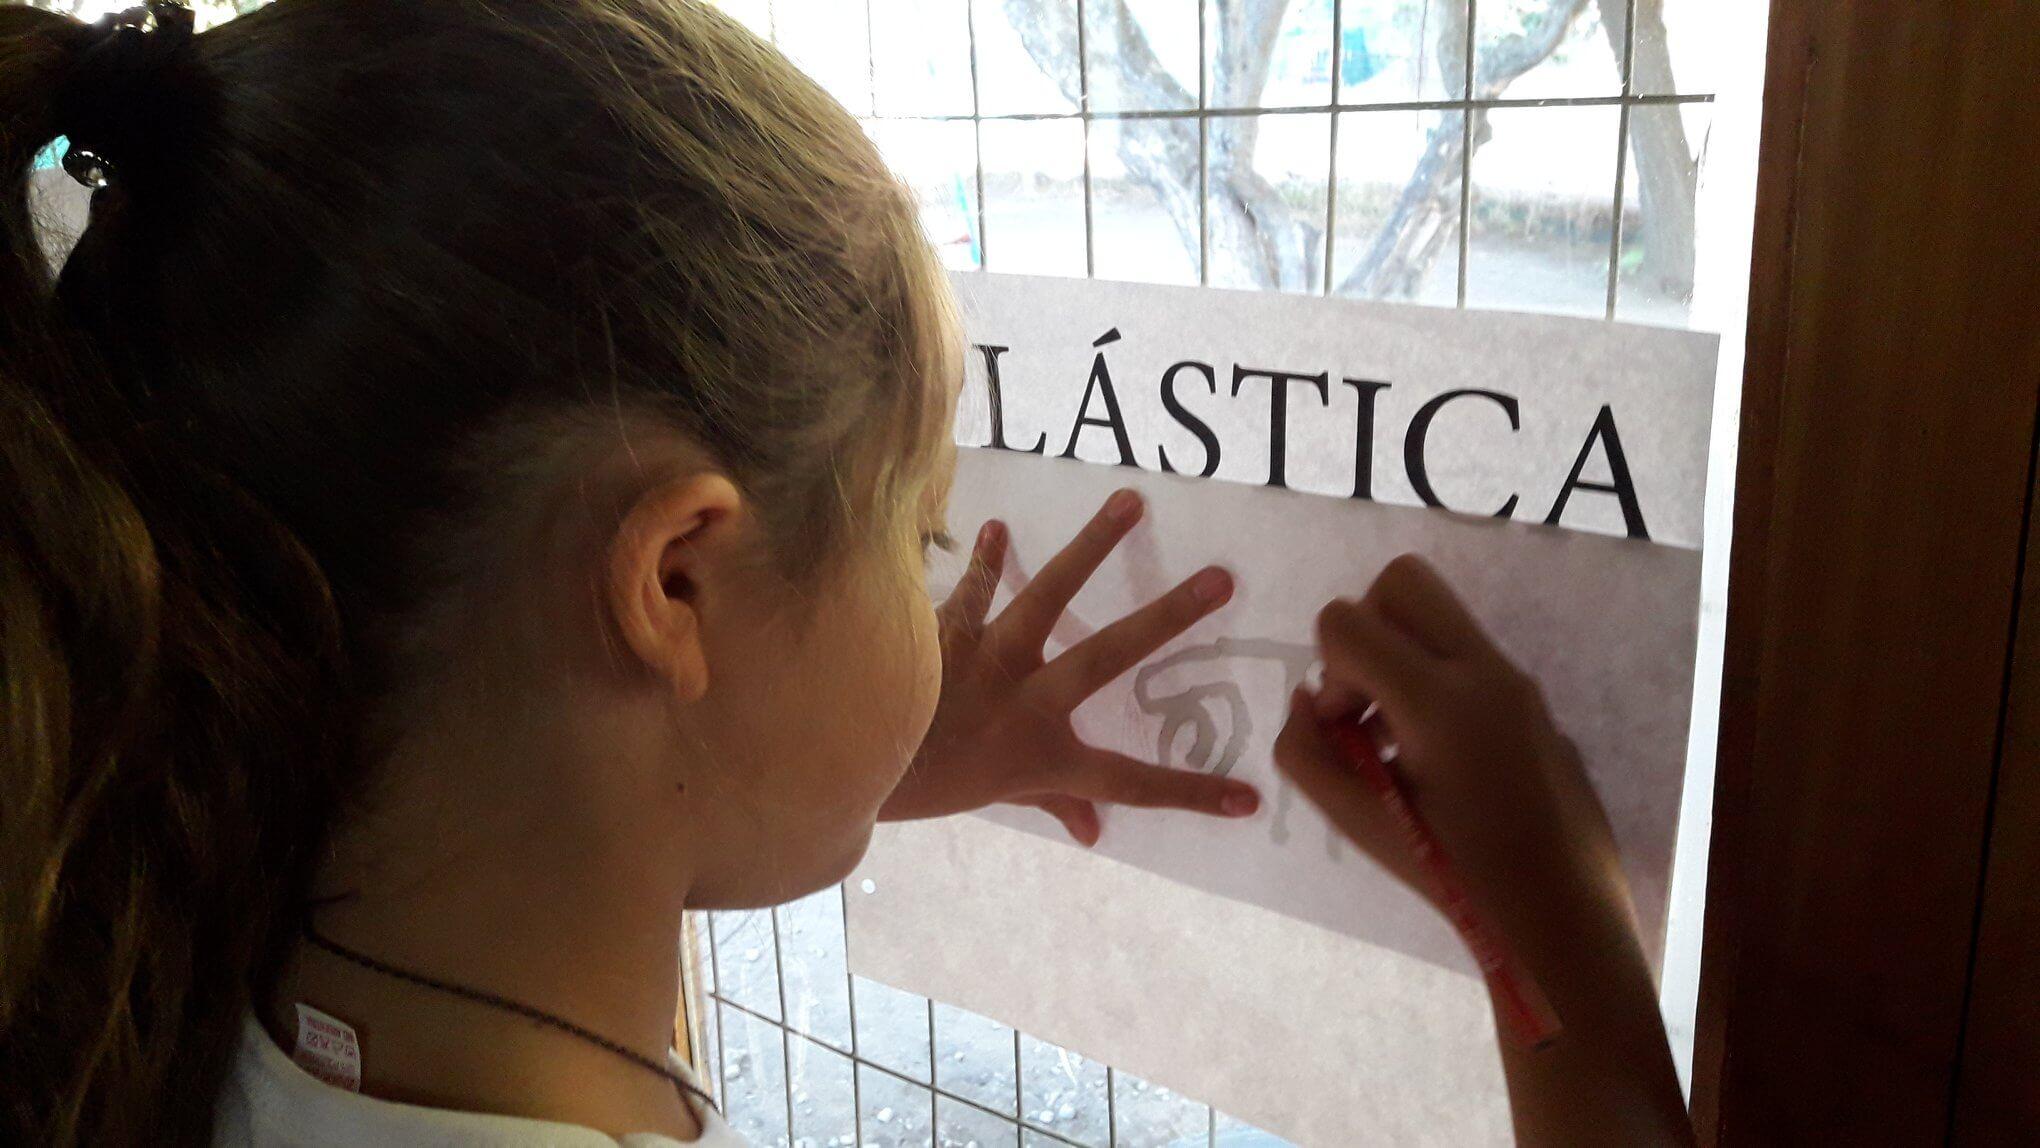 plastica_caratulas_2019